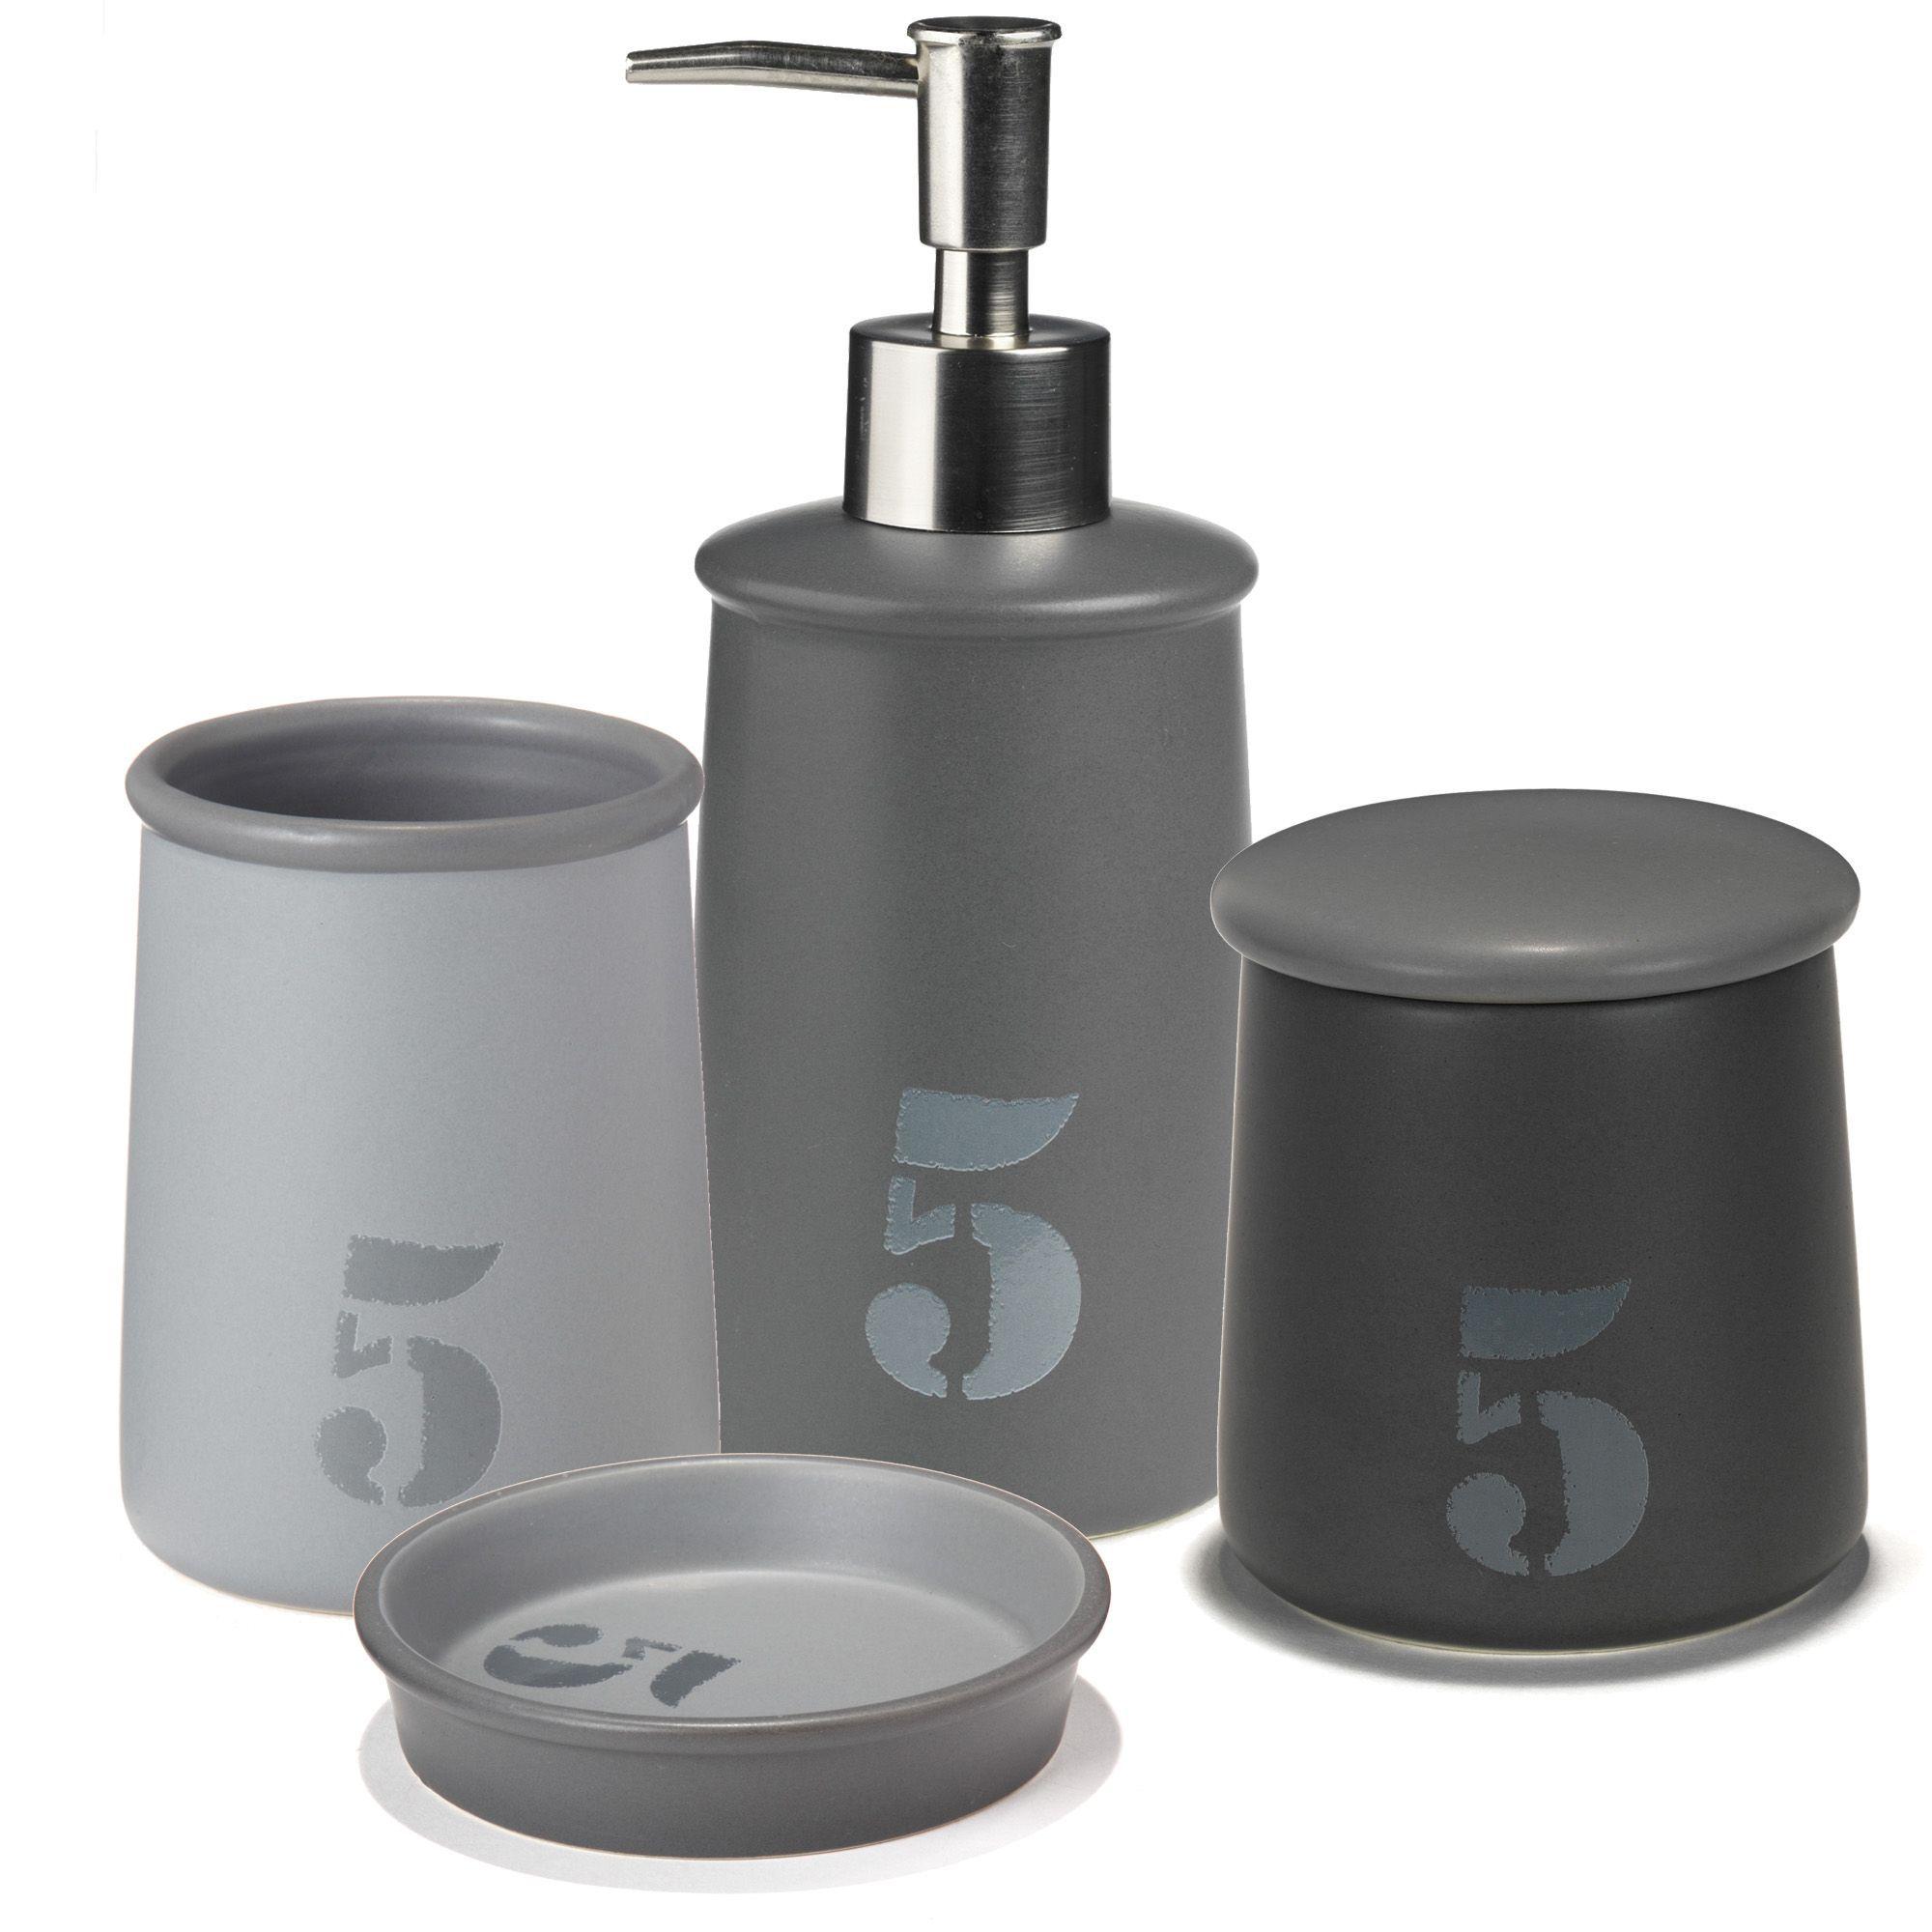 Ensemble d 39 accessoires de salle de bains gris atelier bain sets et flacons accessoires de - Accessoire salle de bain gris ...